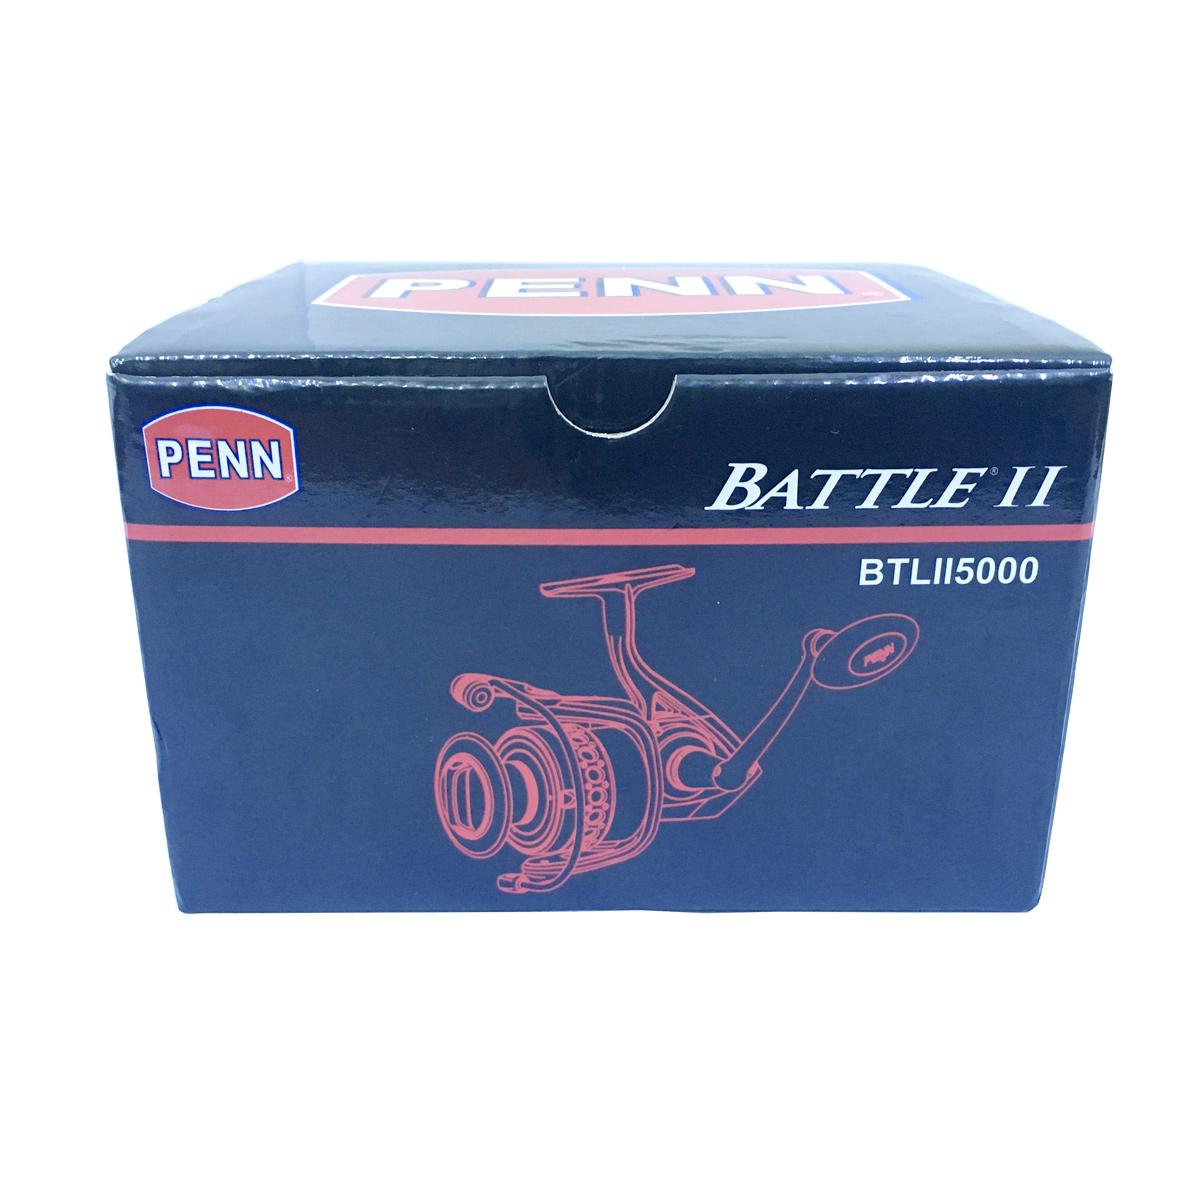 Máy Câu Cá Penn Battle II 5000 BH 1 Năm Chính Hãng